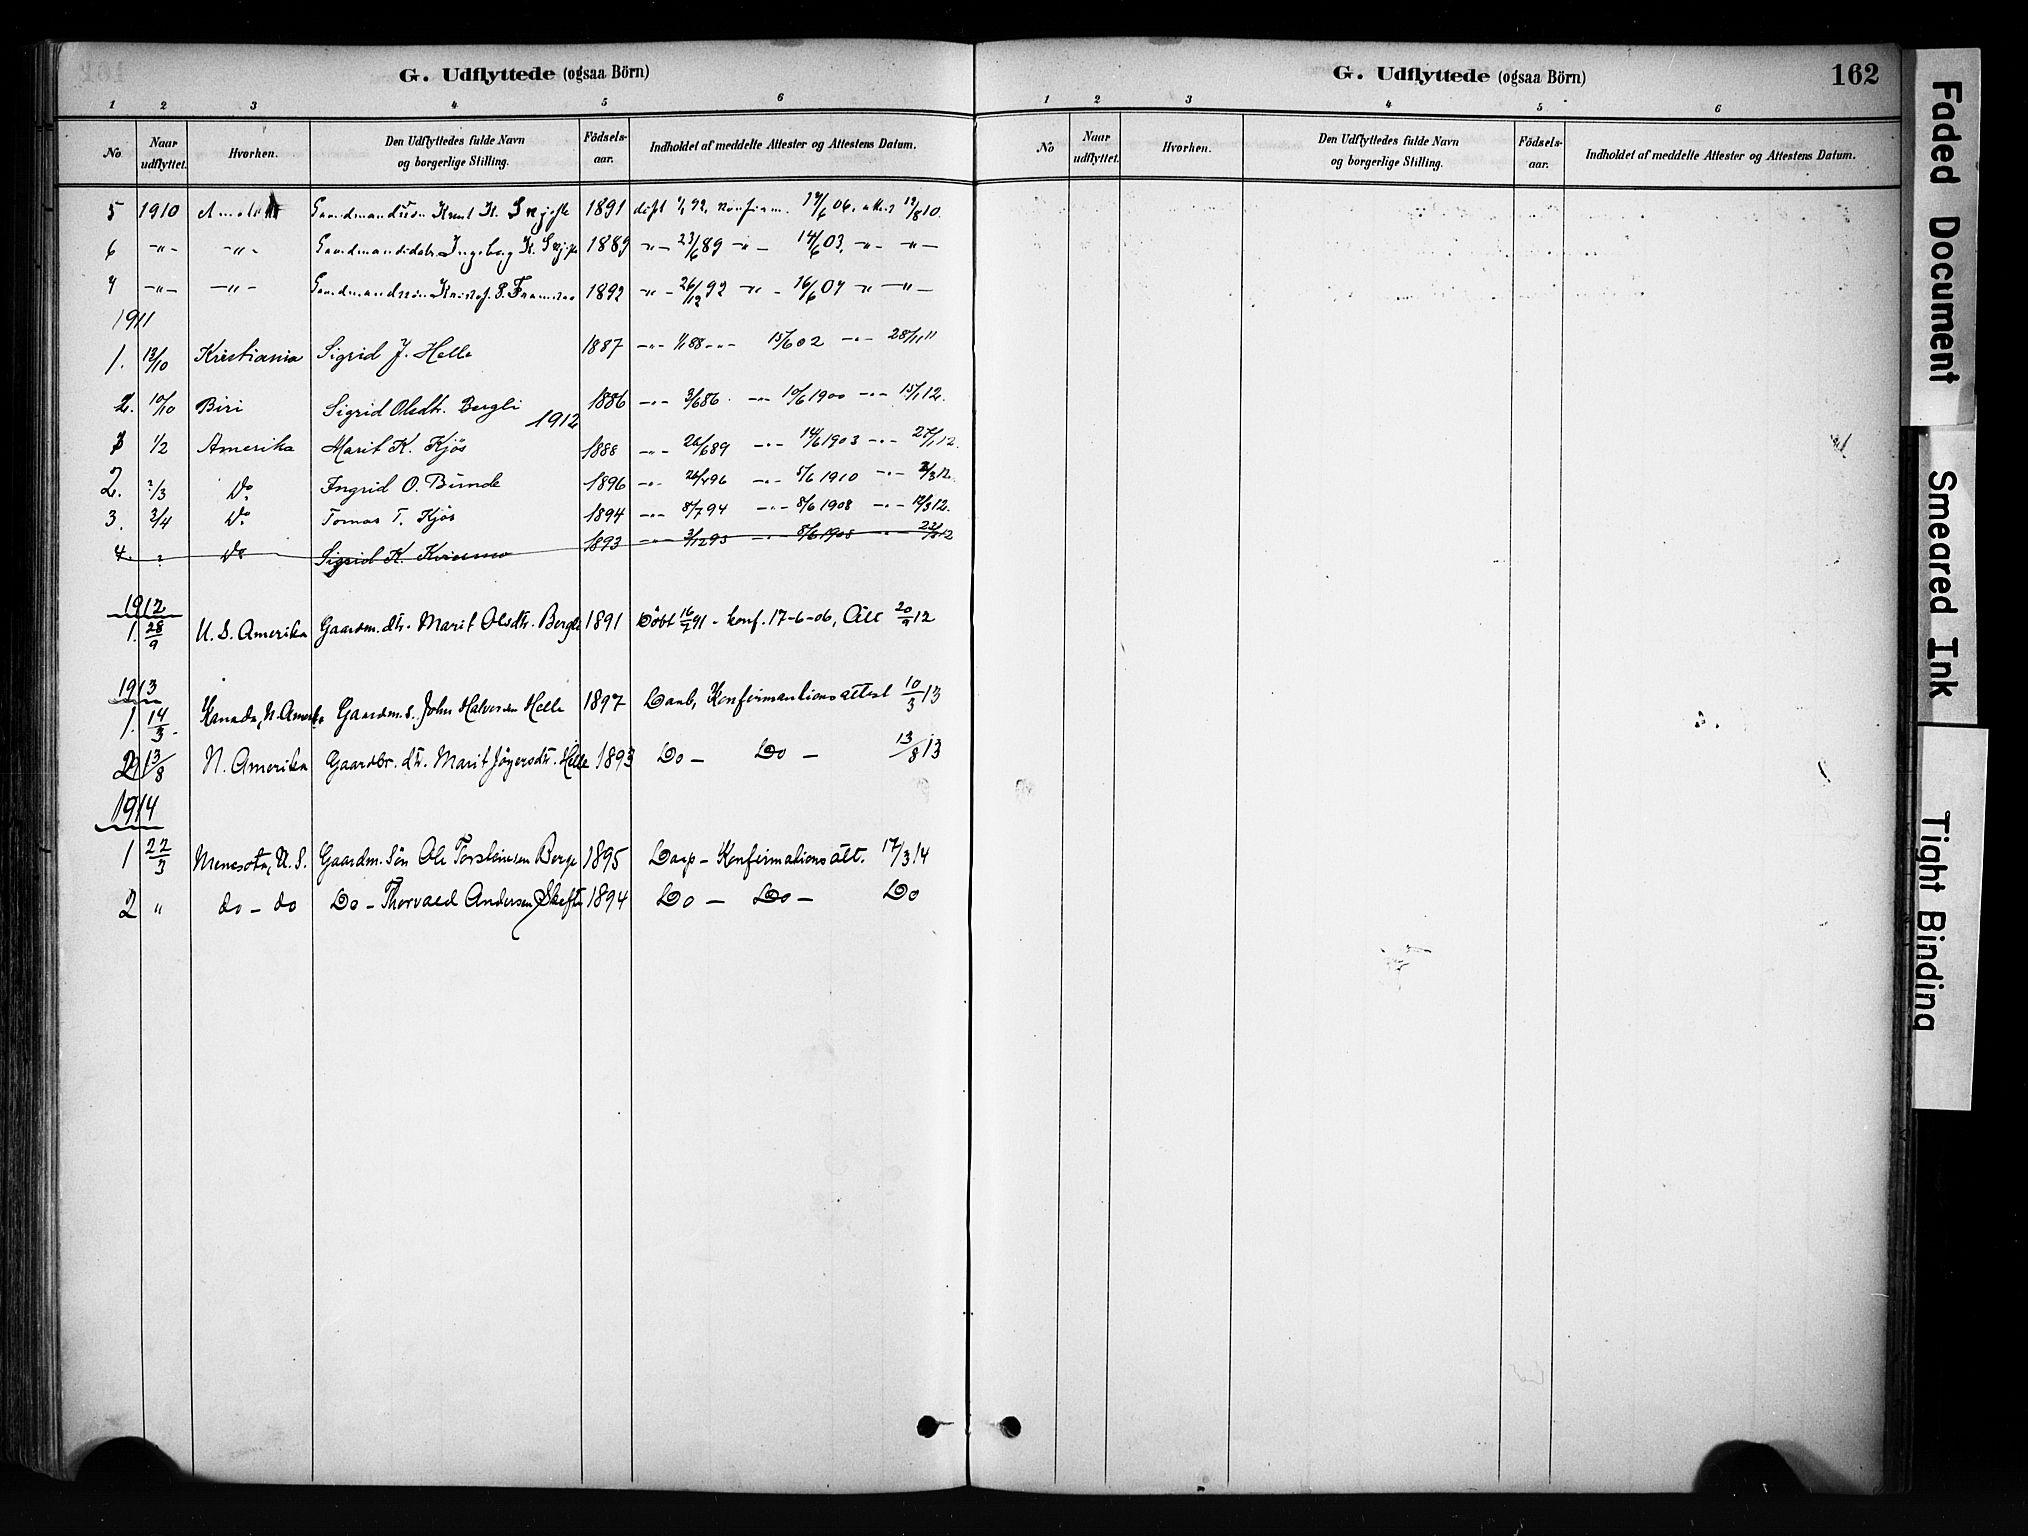 SAH, Vang prestekontor, Valdres, Ministerialbok nr. 9, 1882-1914, s. 162